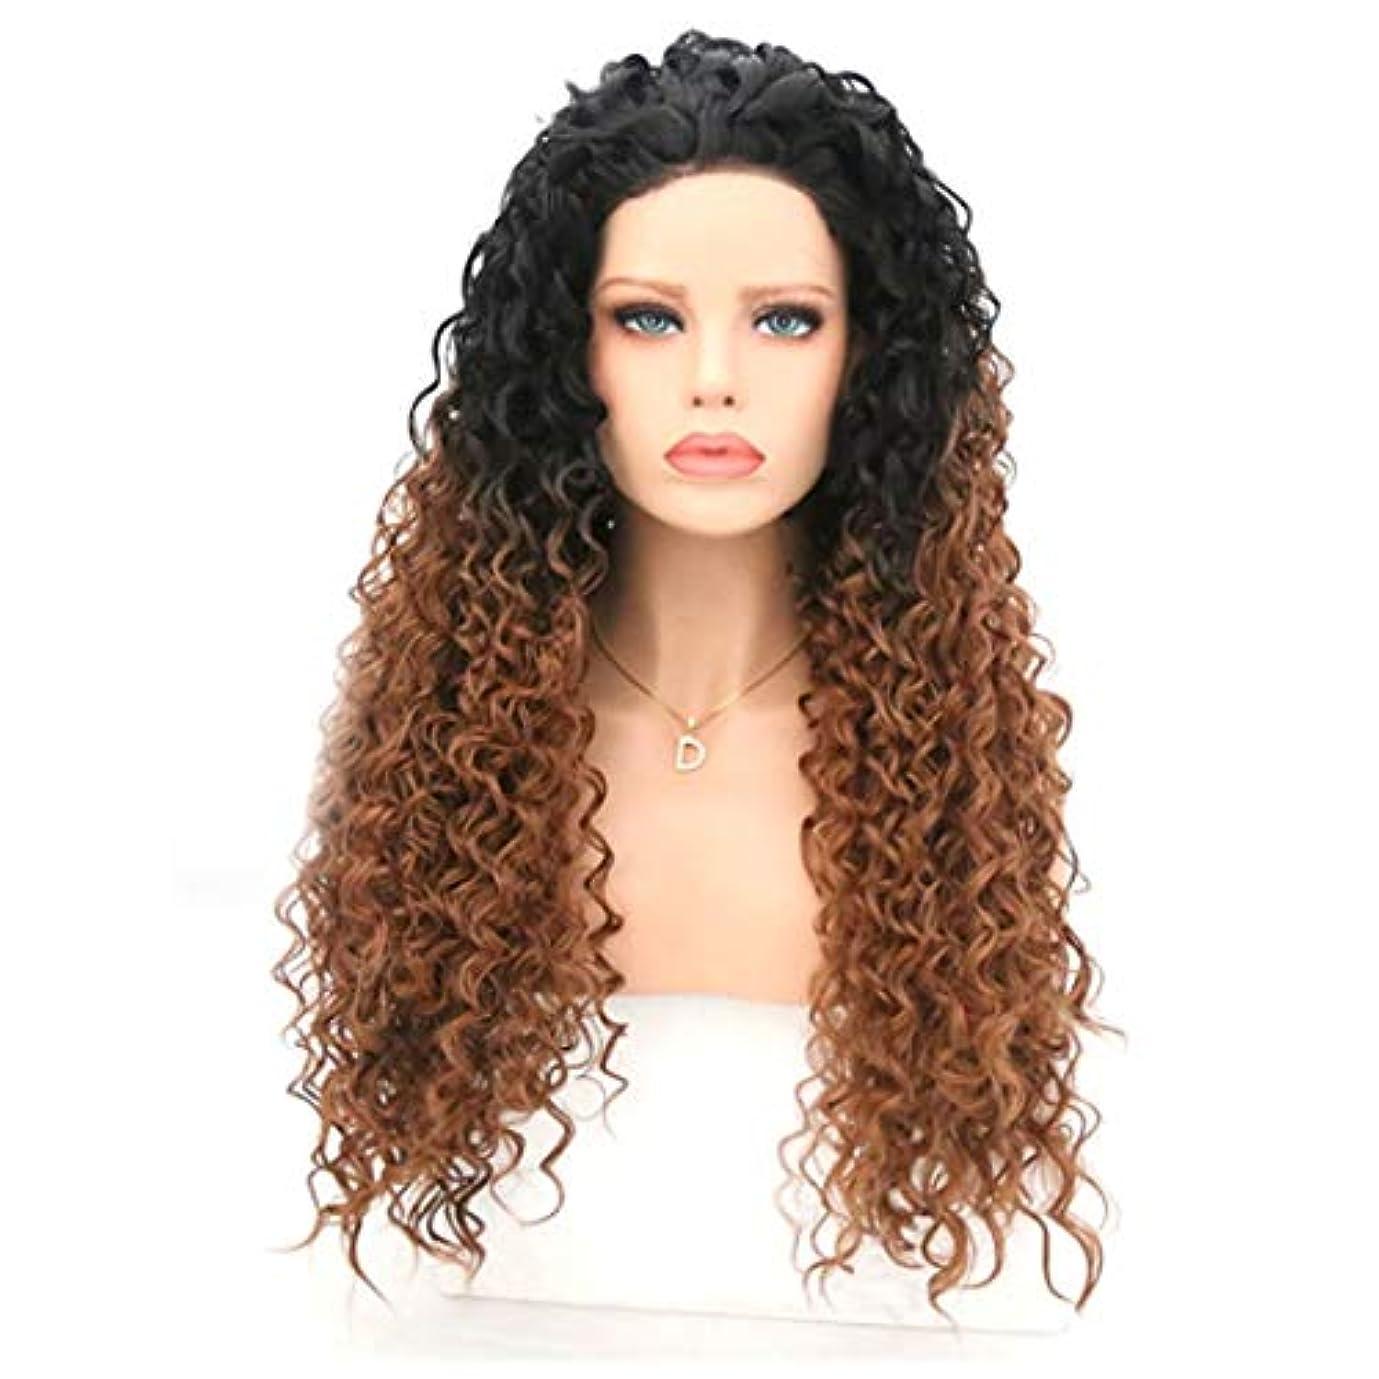 不利接続詞上級Kerwinner 波状の巻き毛のかつら女性のための耐熱性巻き毛のかつら (Size : 20 inches)